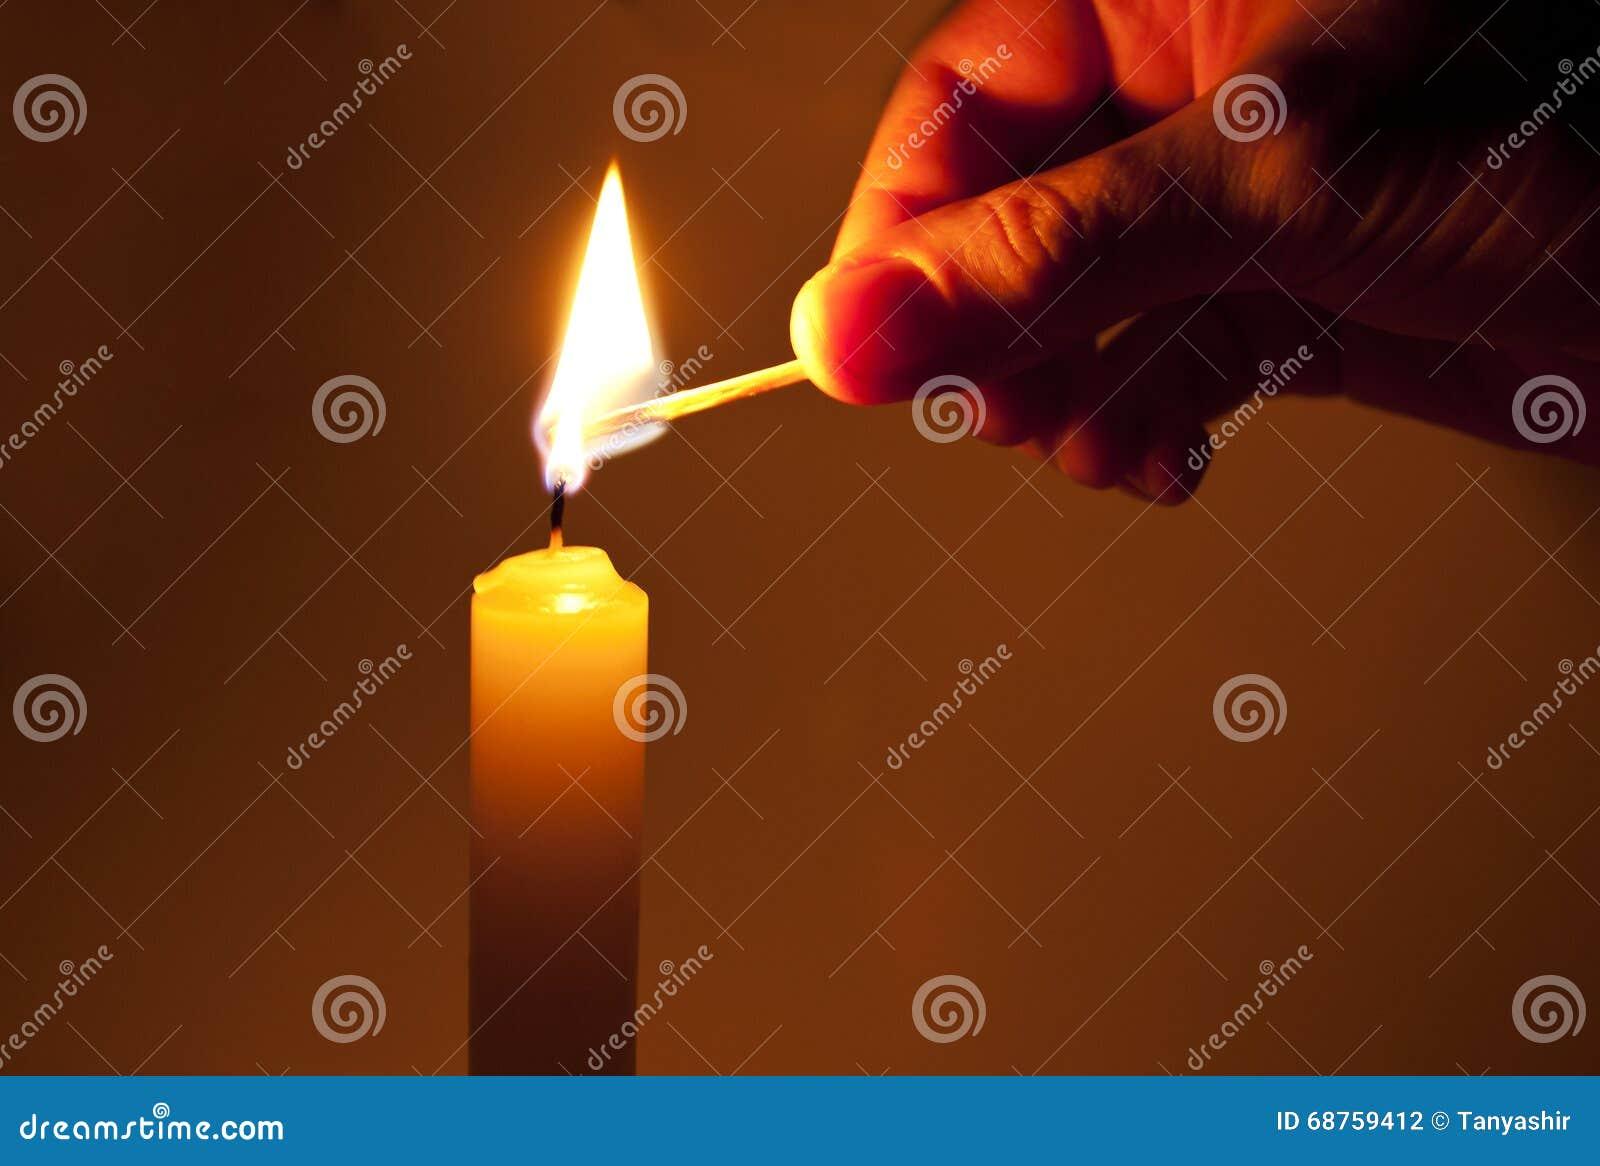 Zaświeca świeczkę